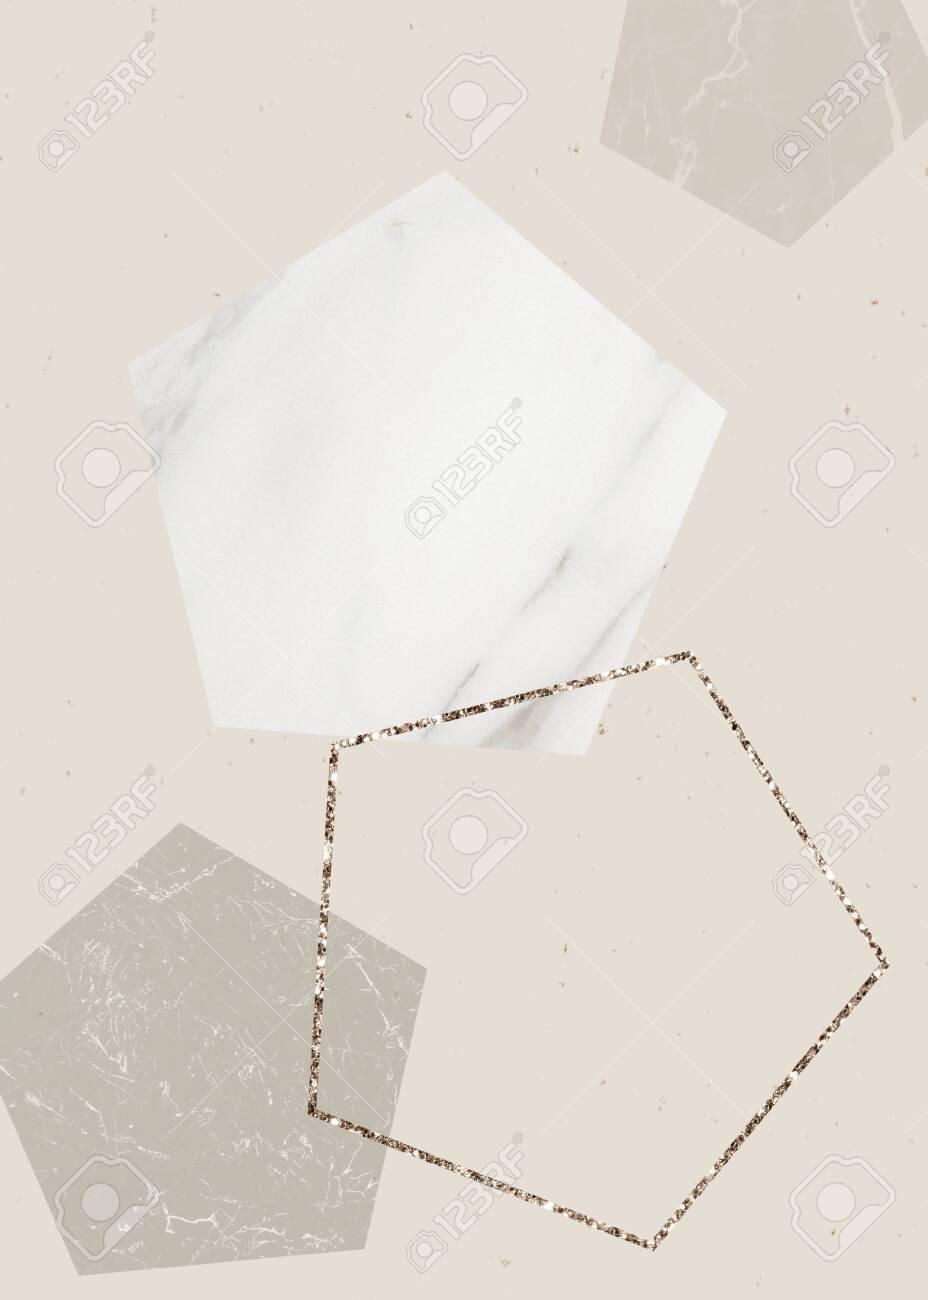 Shimmering pentagon frame design collection - 124724570